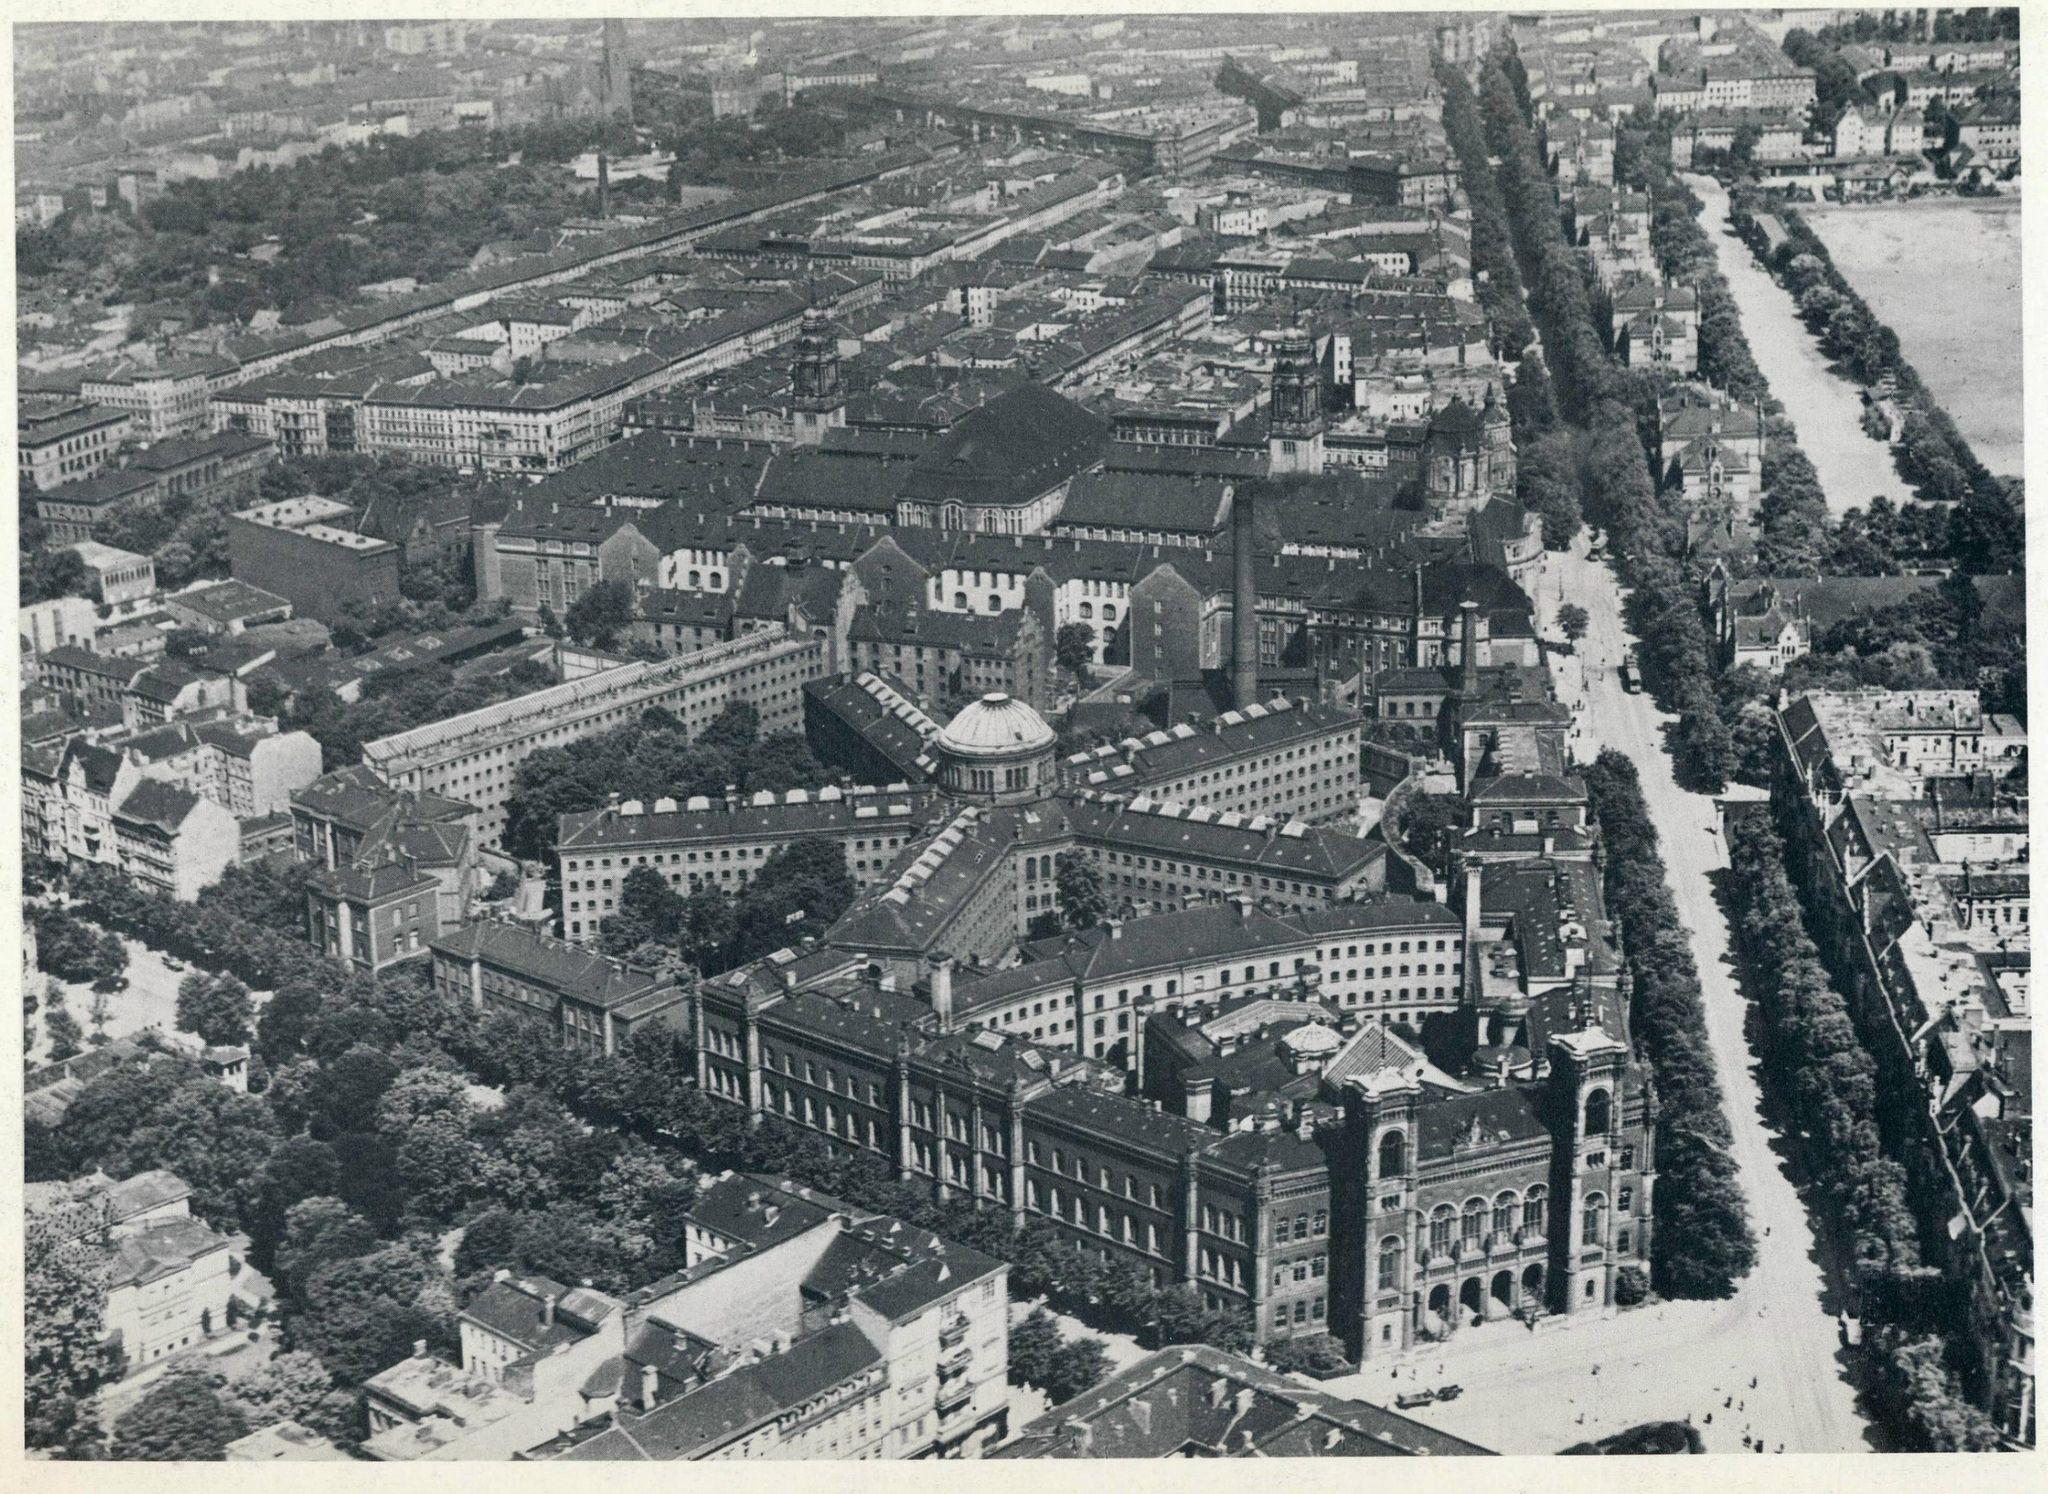 Historische Luftaufnahmen Berlin Moabit Justitzcentrum 1920 Berlin West Berlin Berlin Germany